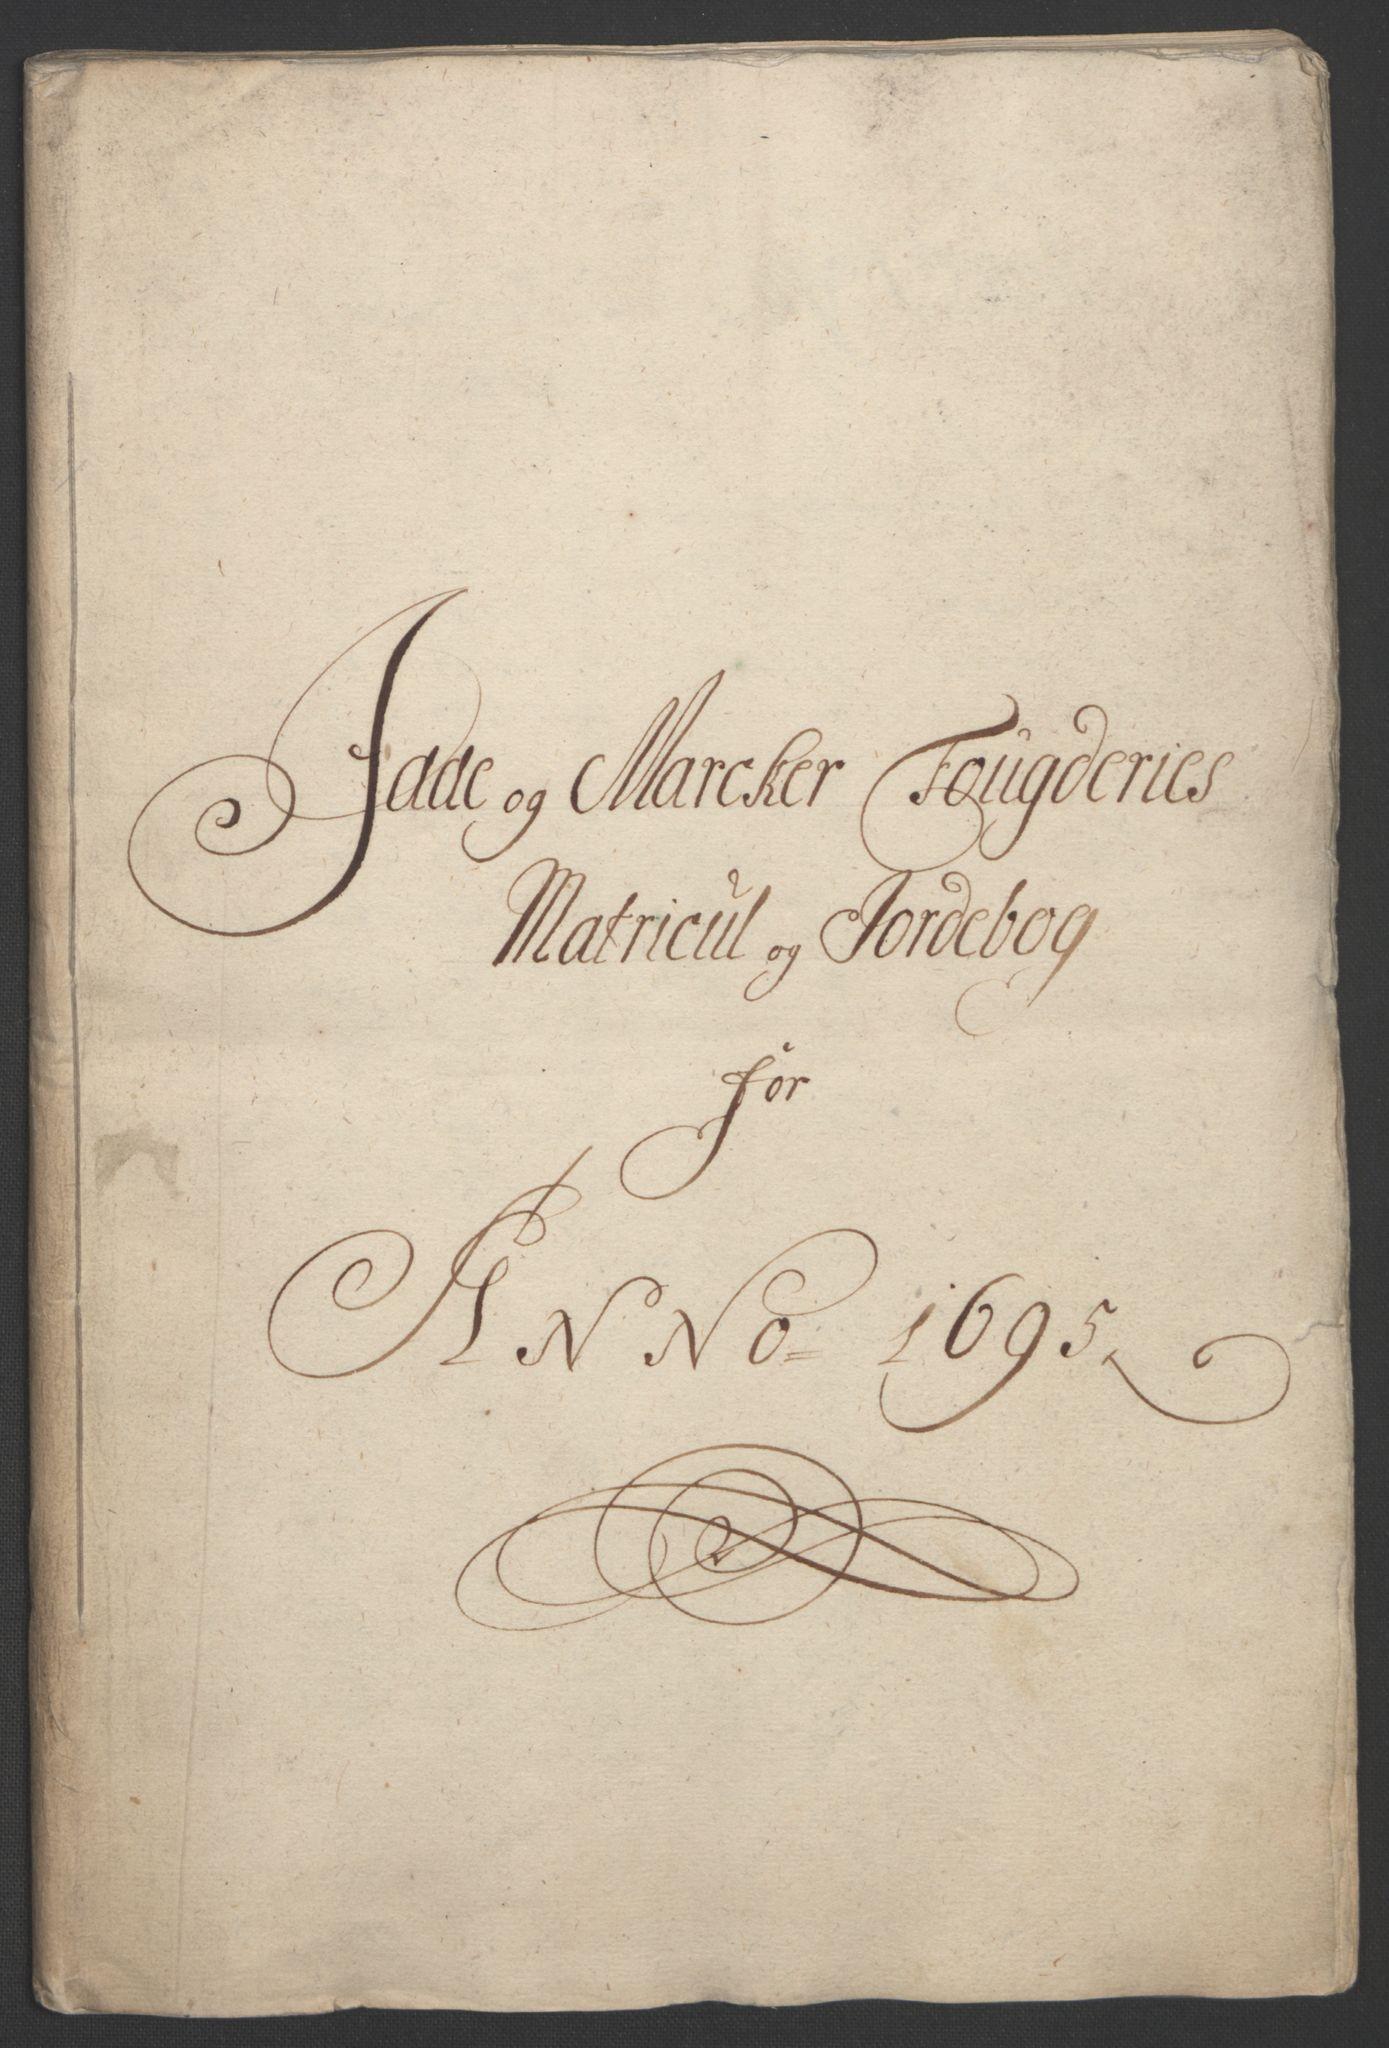 RA, Rentekammeret inntil 1814, Reviderte regnskaper, Fogderegnskap, R01/L0012: Fogderegnskap Idd og Marker, 1694-1695, s. 173